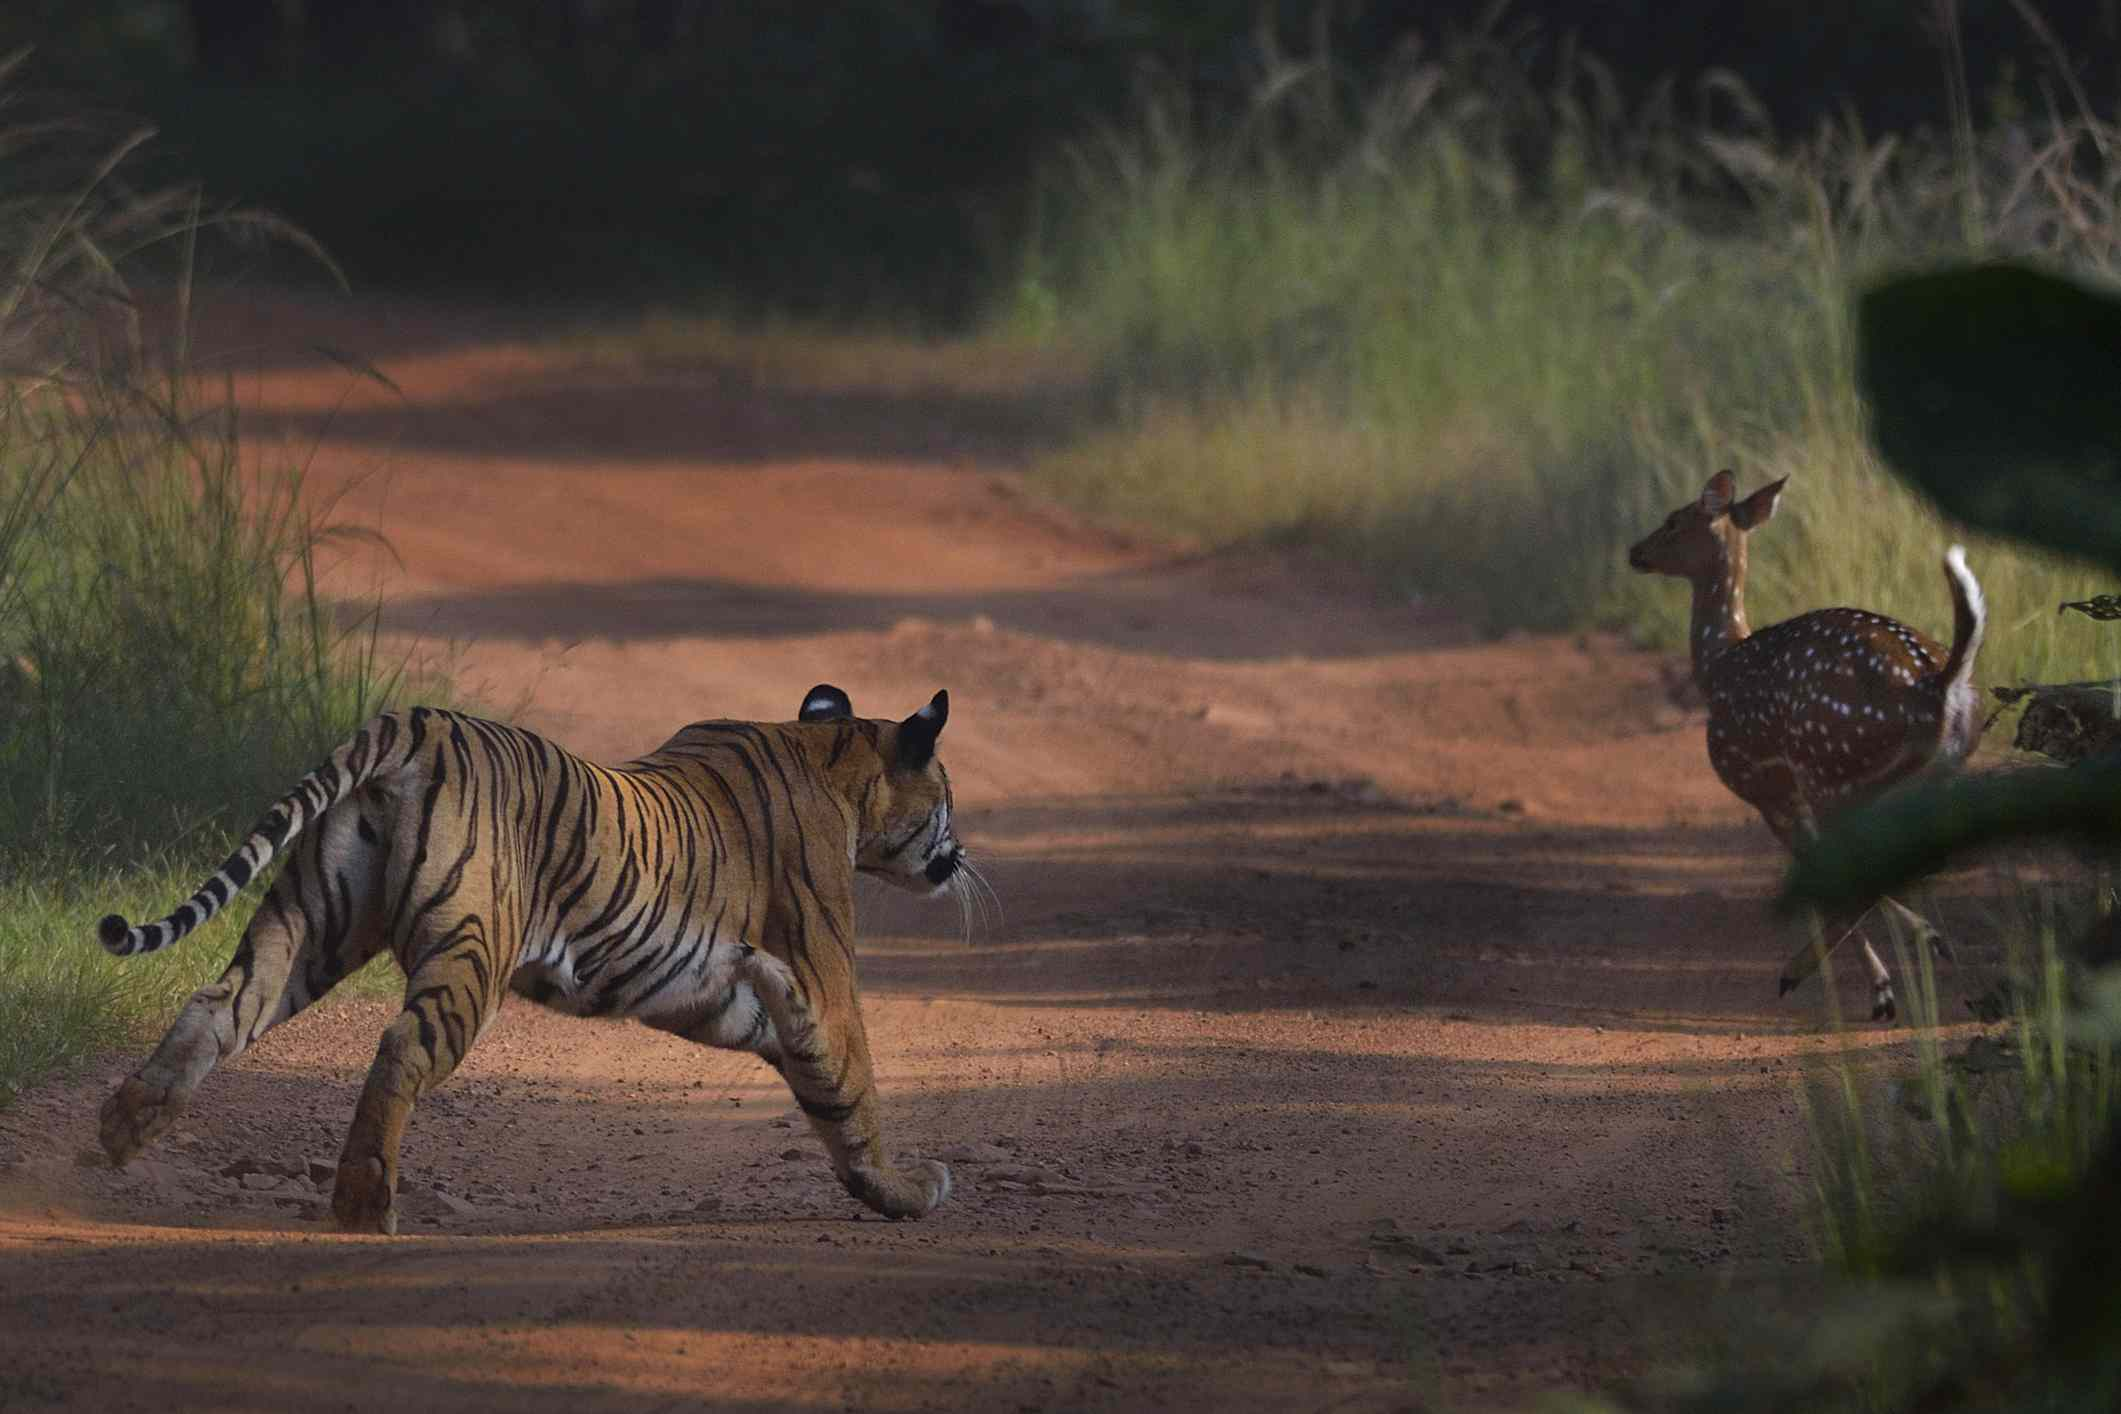 A tiger chases a deer at Tadoba Andhari Tiger Project in Maharashtra, India